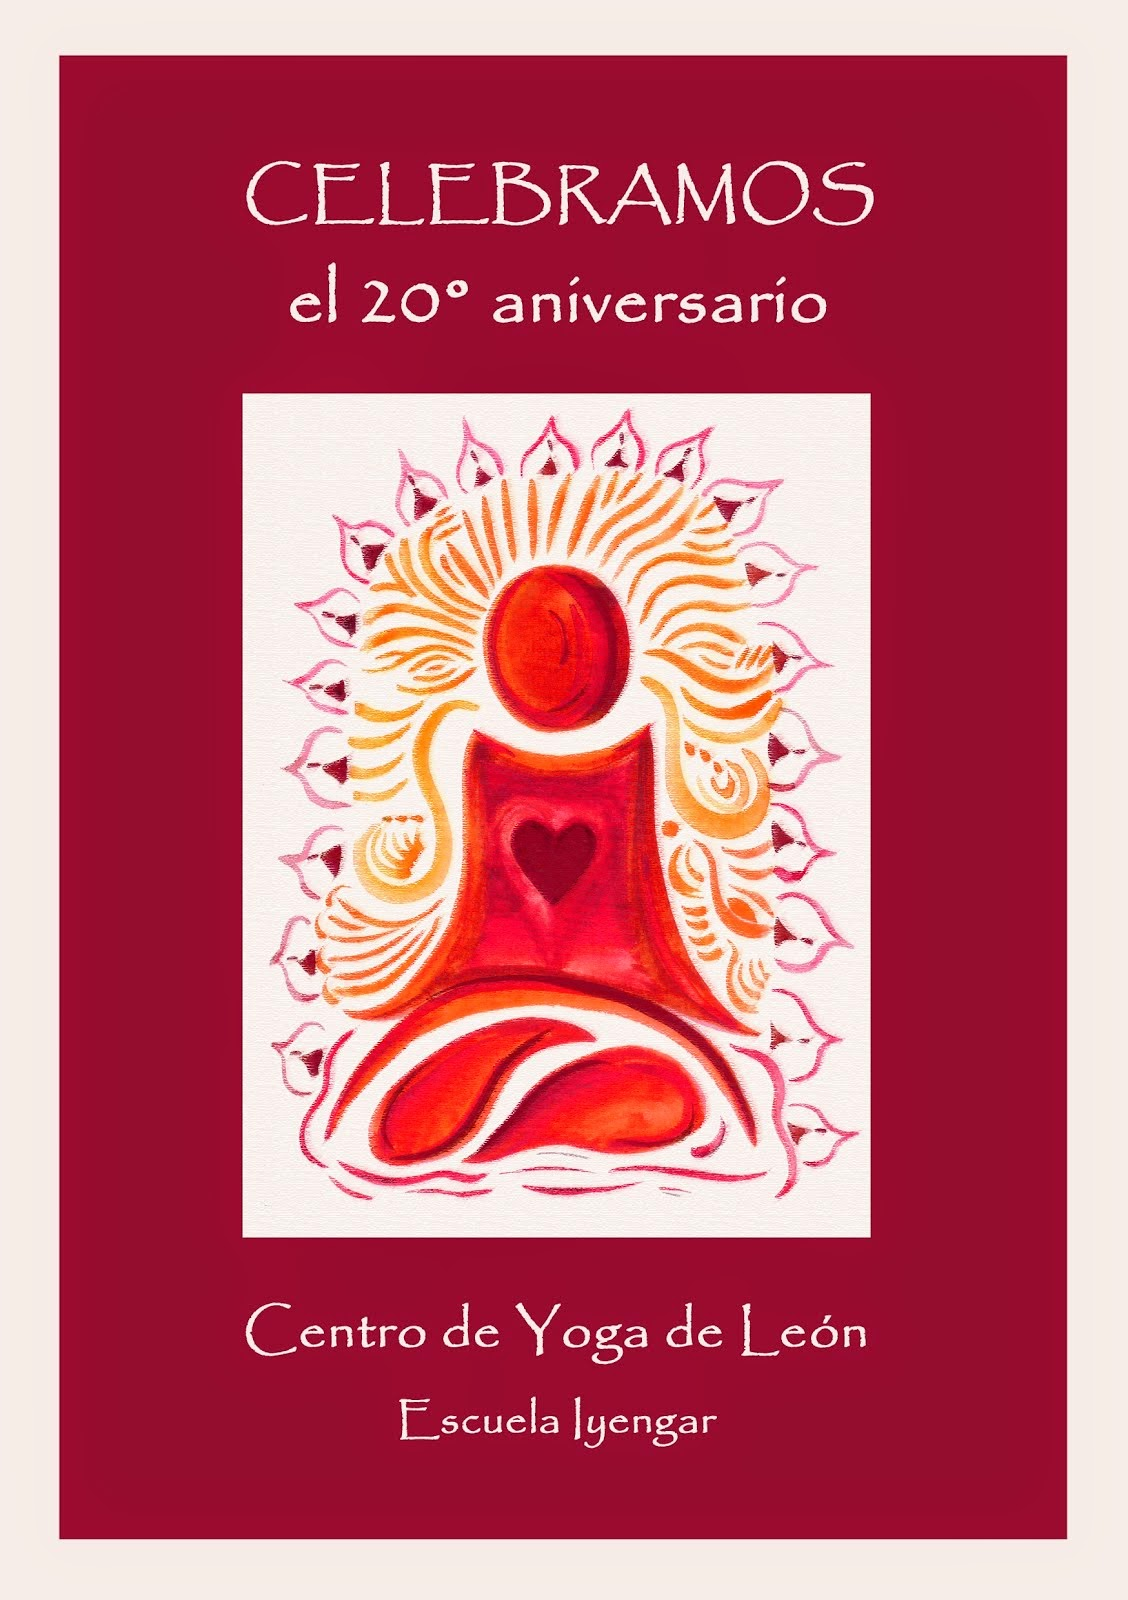 20º Aniversario del Centro de Yoga de León- Escuela Iyengar